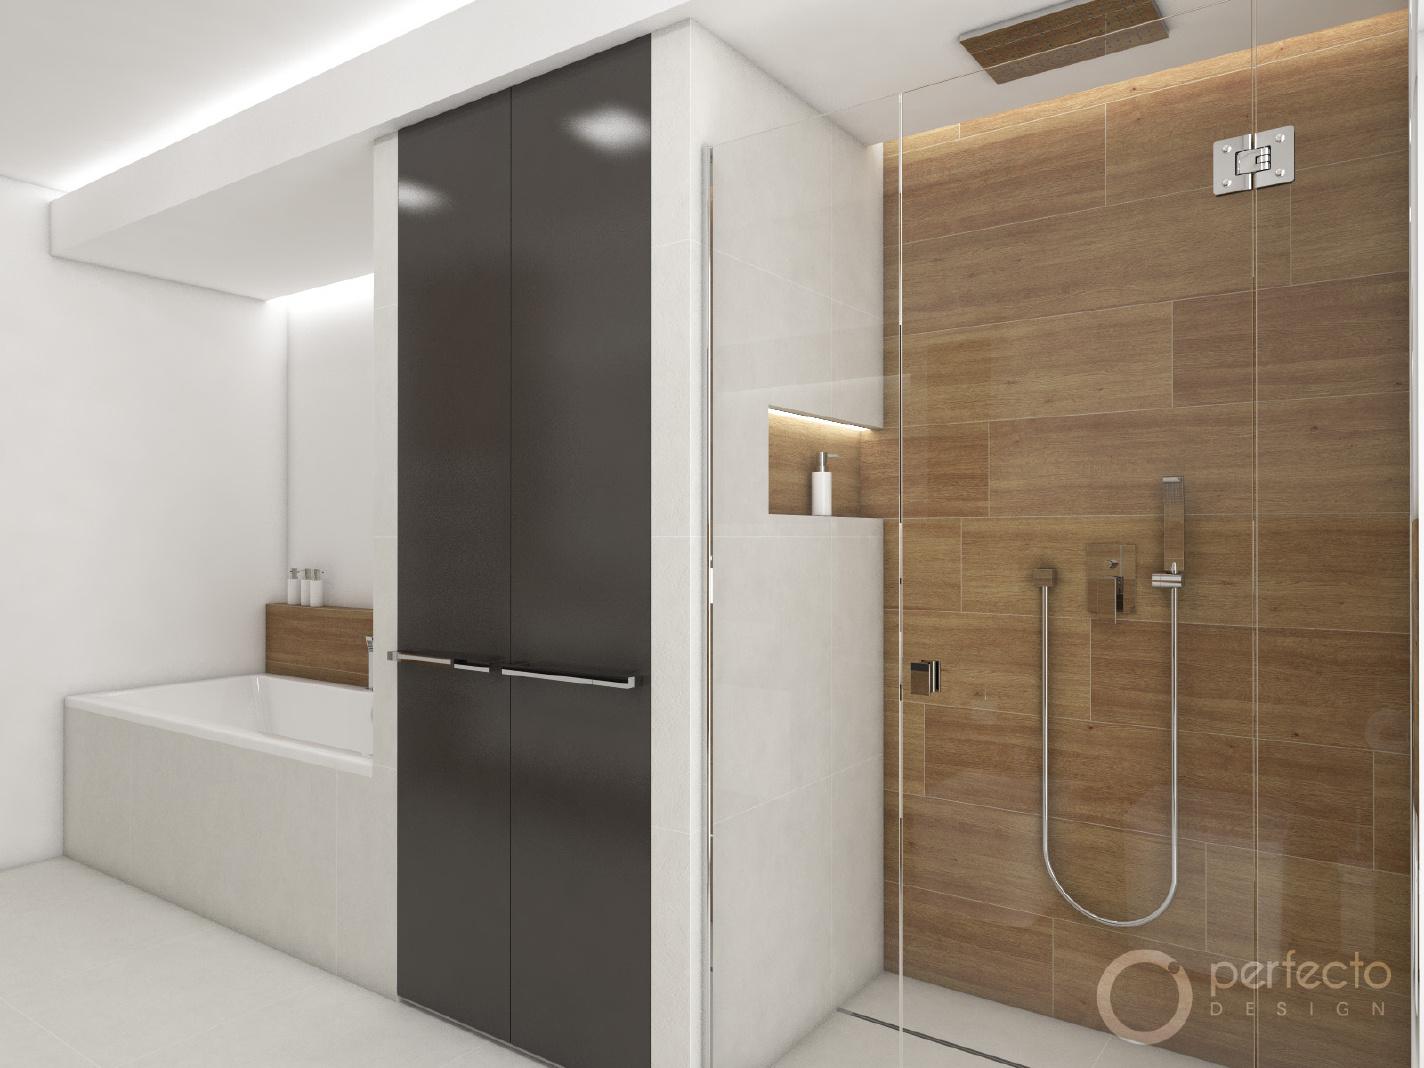 modernes badezimmer stockholm perfecto design. Black Bedroom Furniture Sets. Home Design Ideas